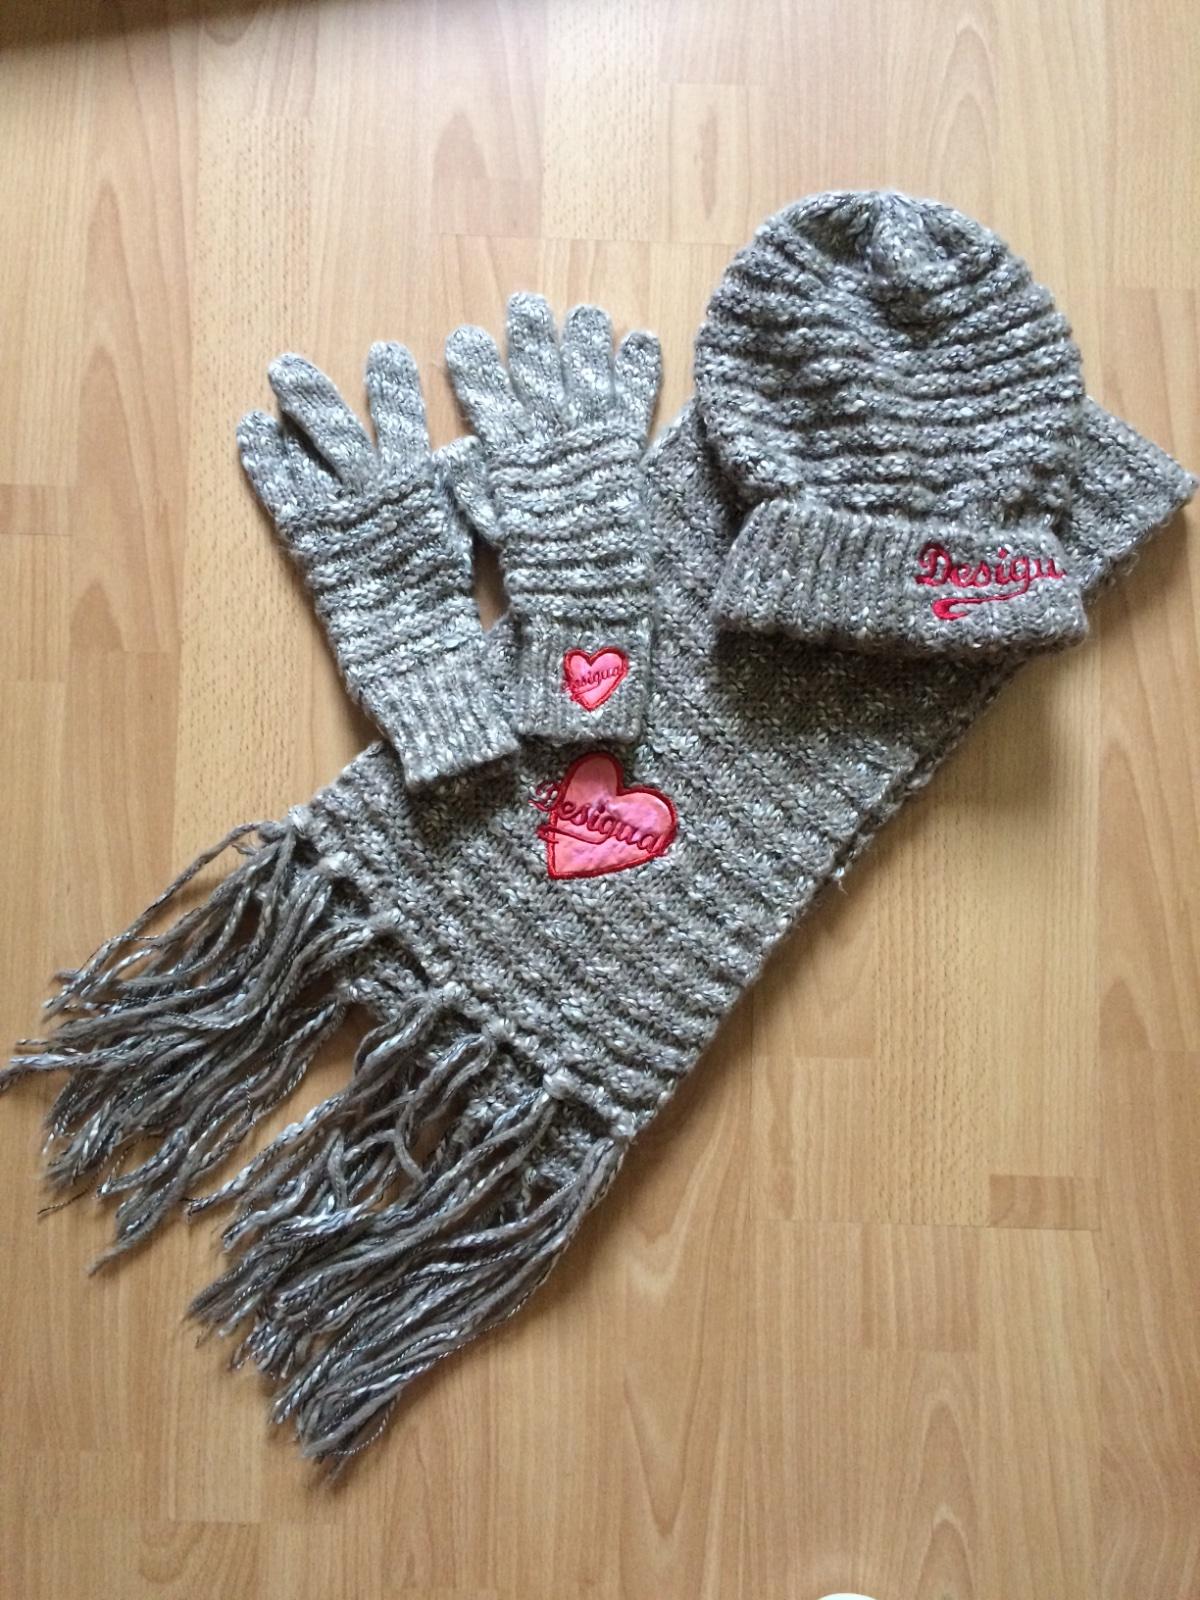 d7e39c002 Súprava- šál, čiapka, rukavice zn. desigual, desigual,s - 40 € od  predávajúcej andy_007 | Detský bazár | ModryKonik.sk